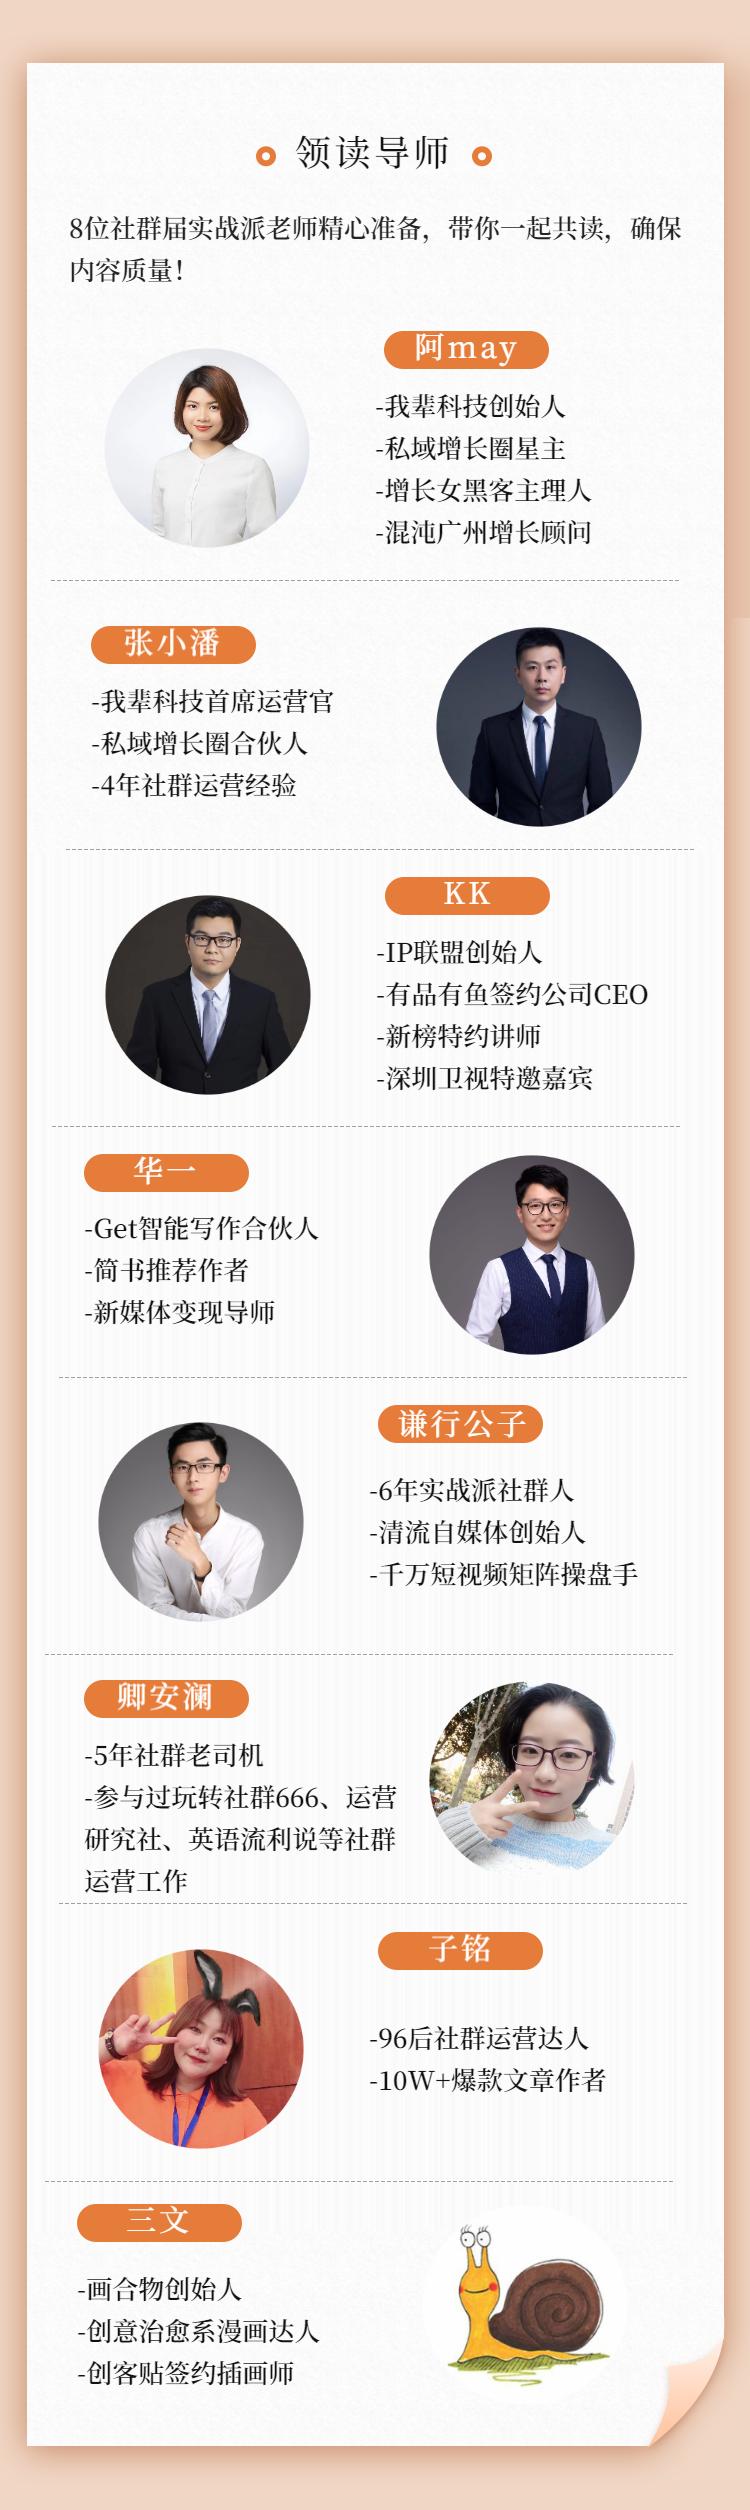 21天实战营销手册打卡计划详情页-4.png